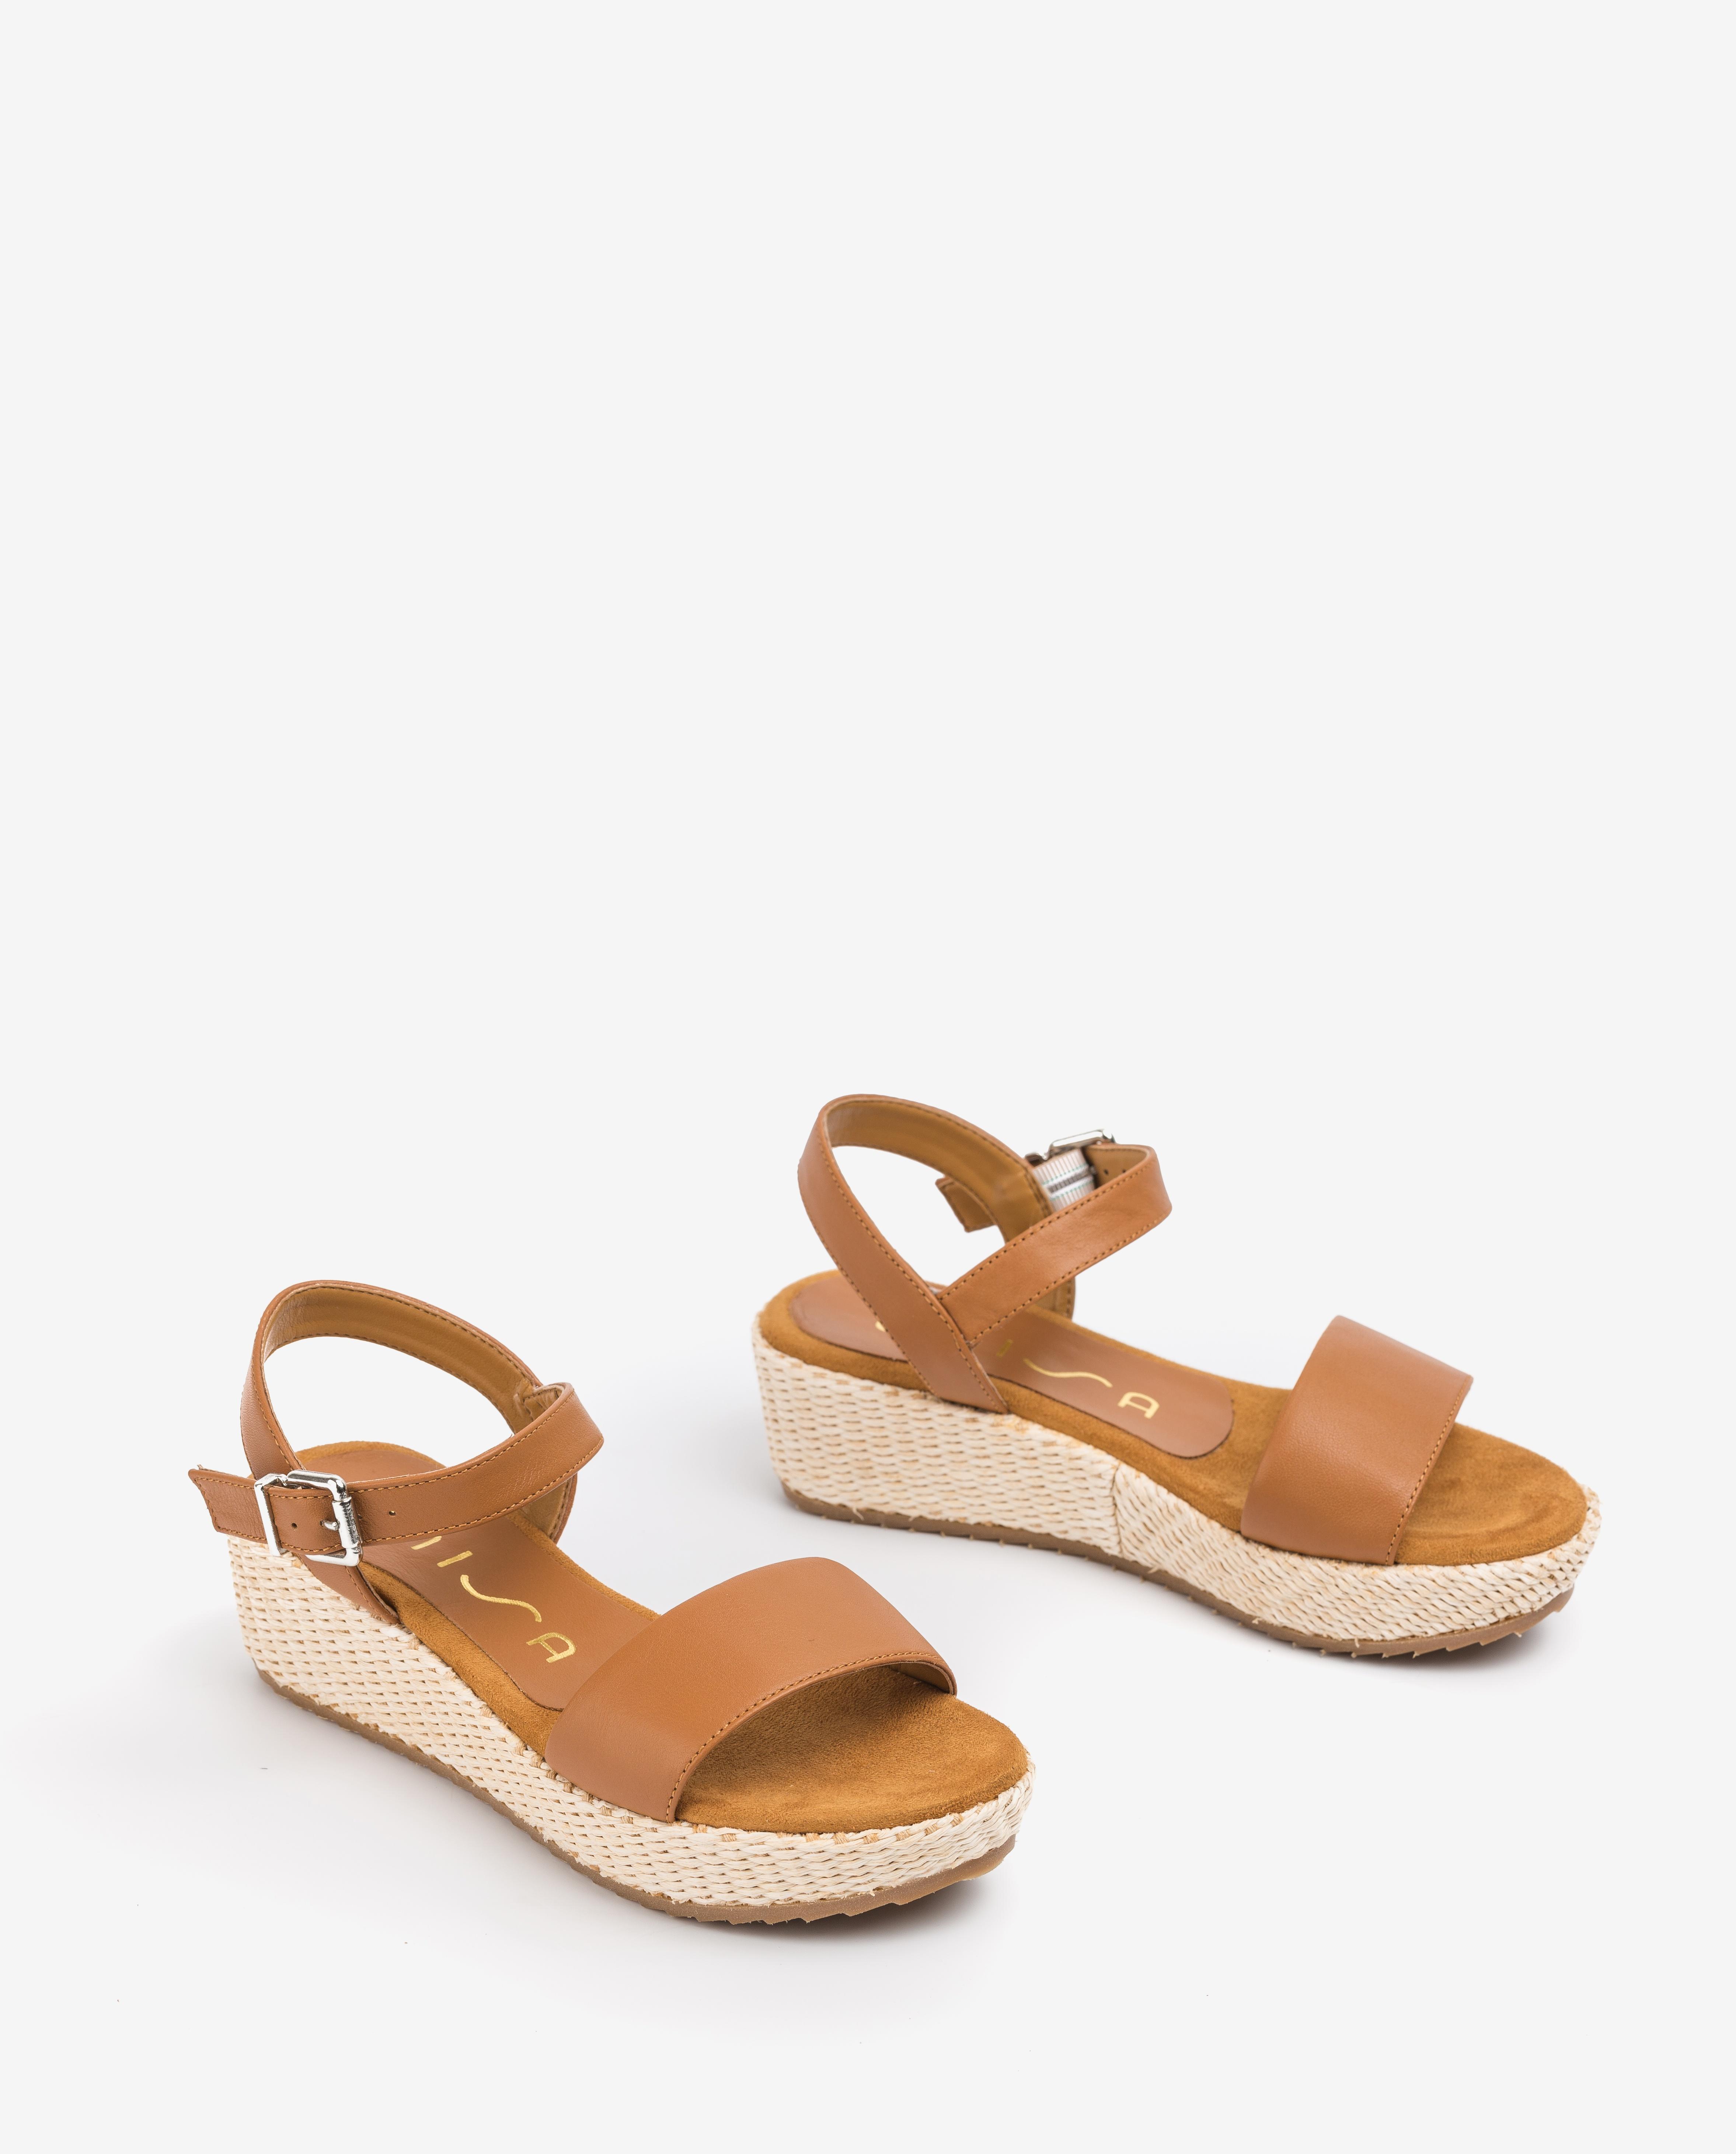 UNISA Sandale fille cuir compensée TERETE_20_R_NT bisquit 3